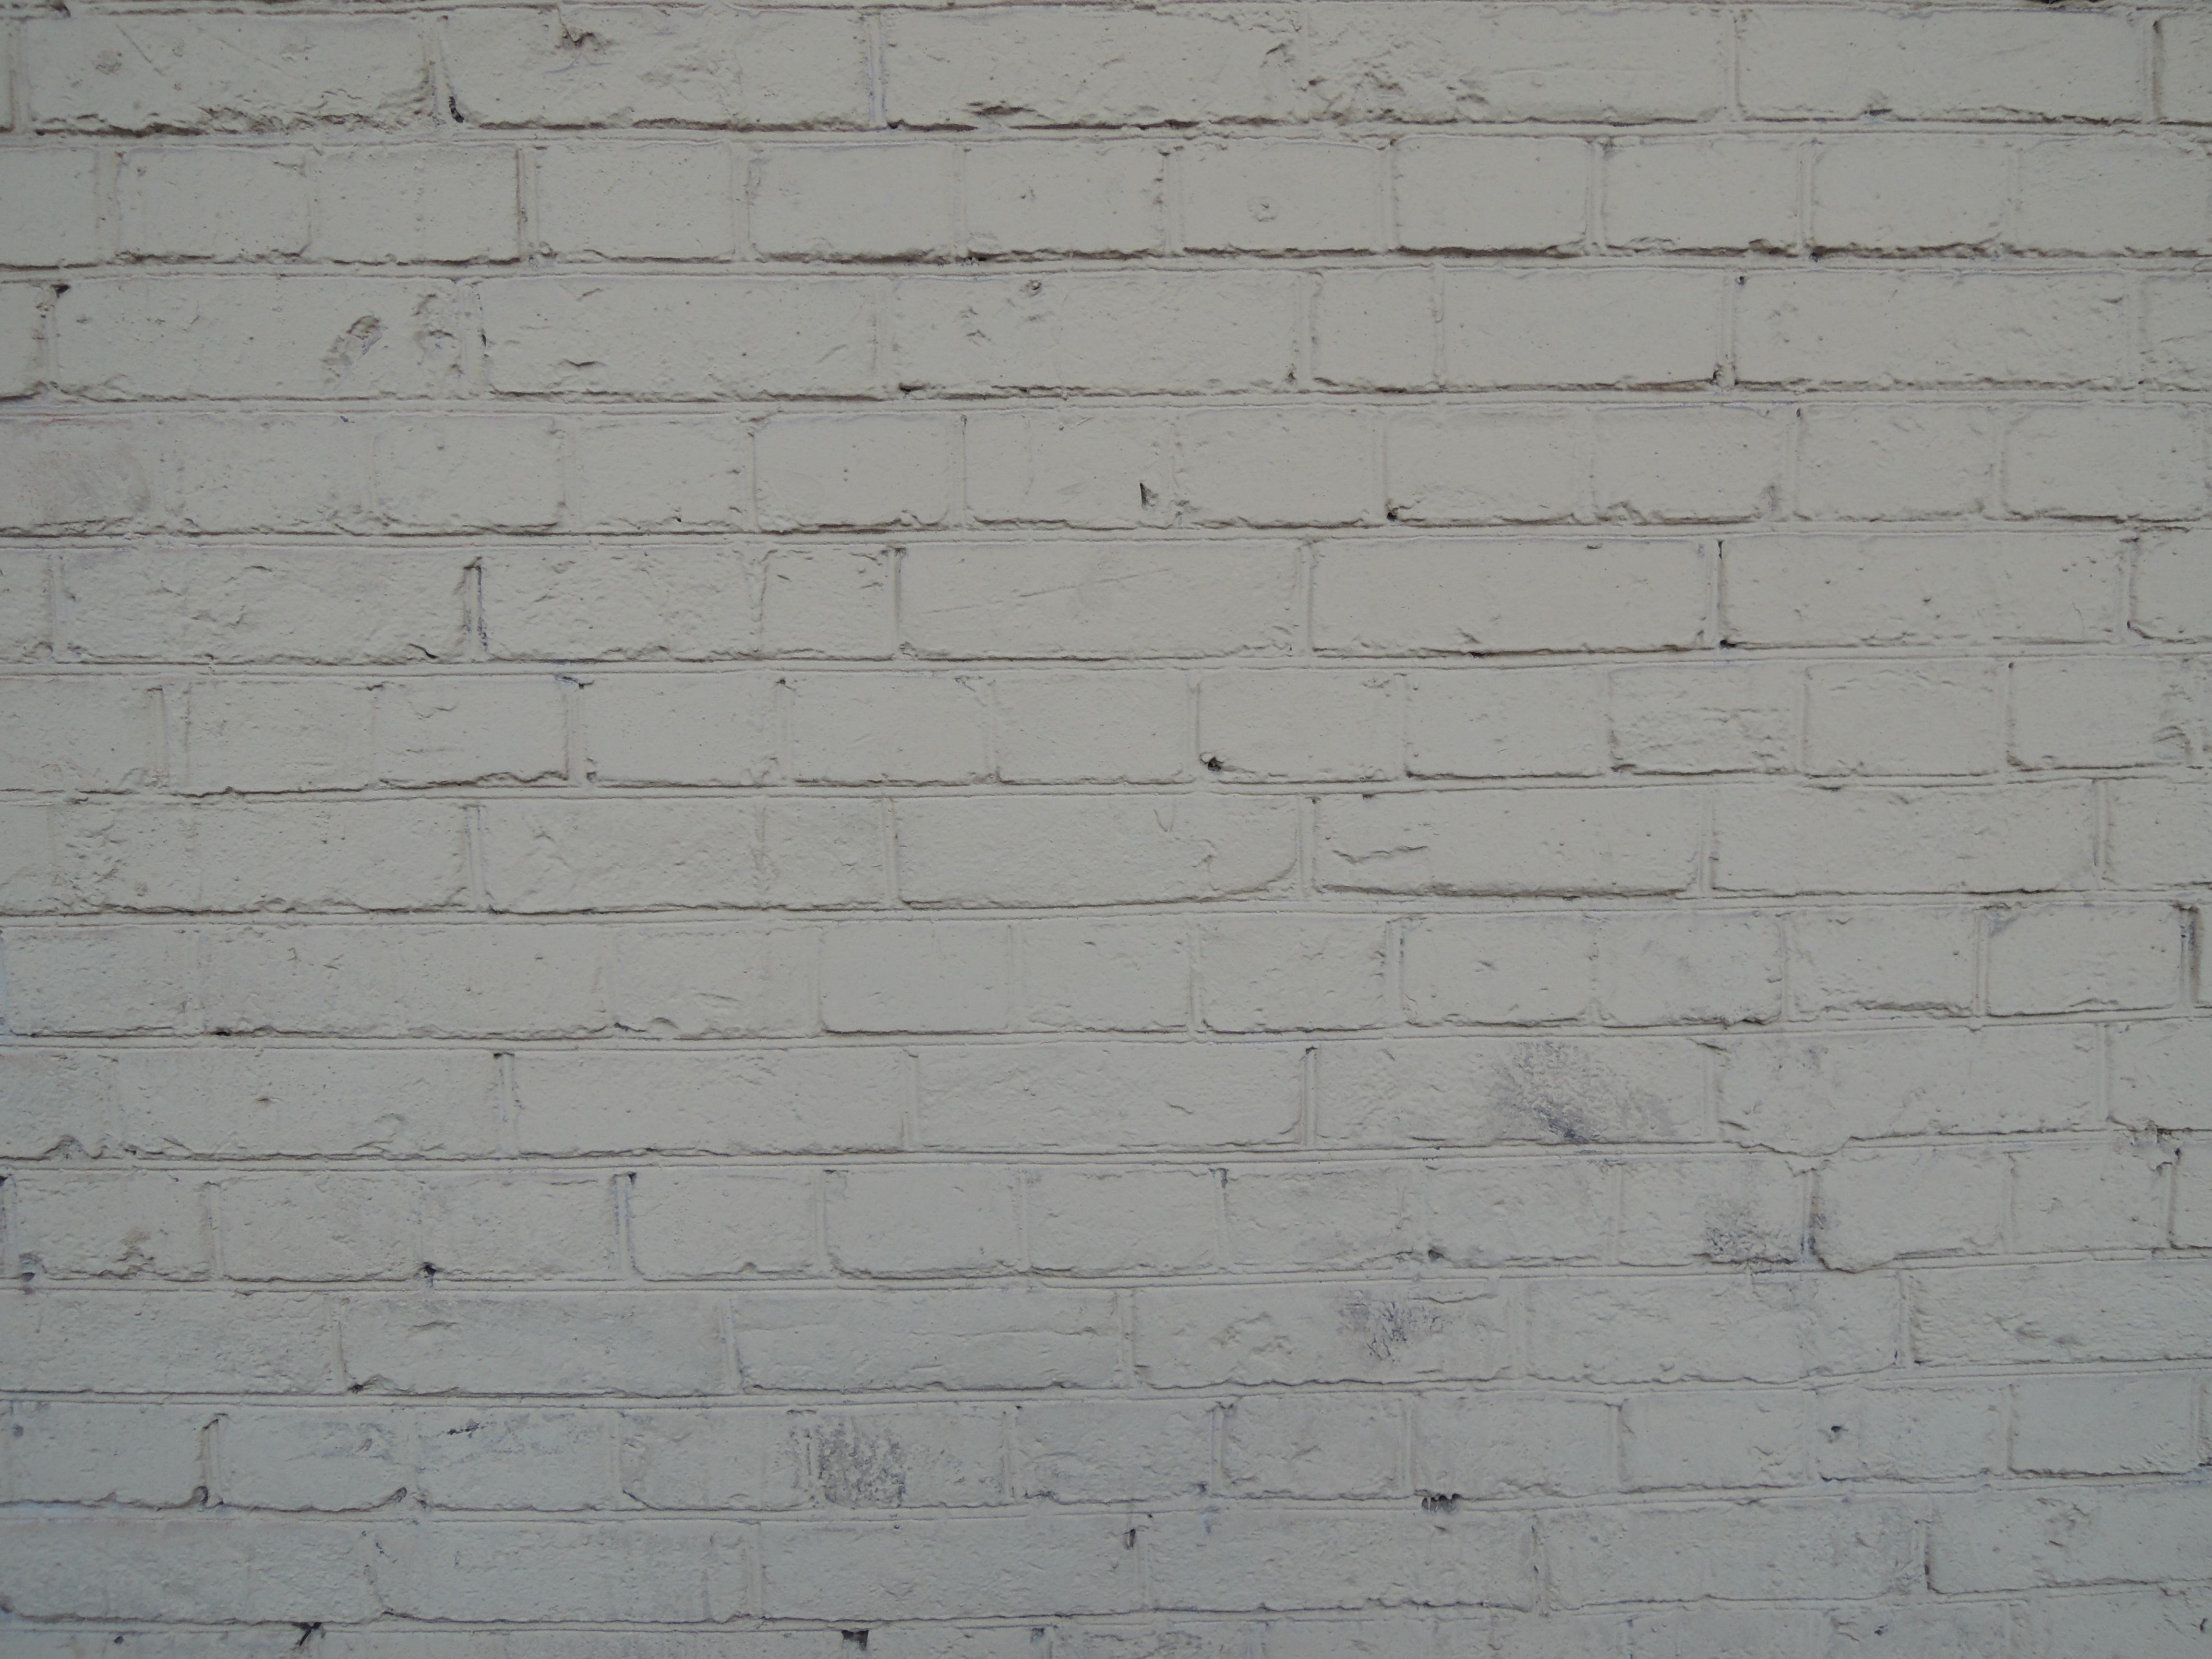 Best Paint For Exterior Concrete Walls